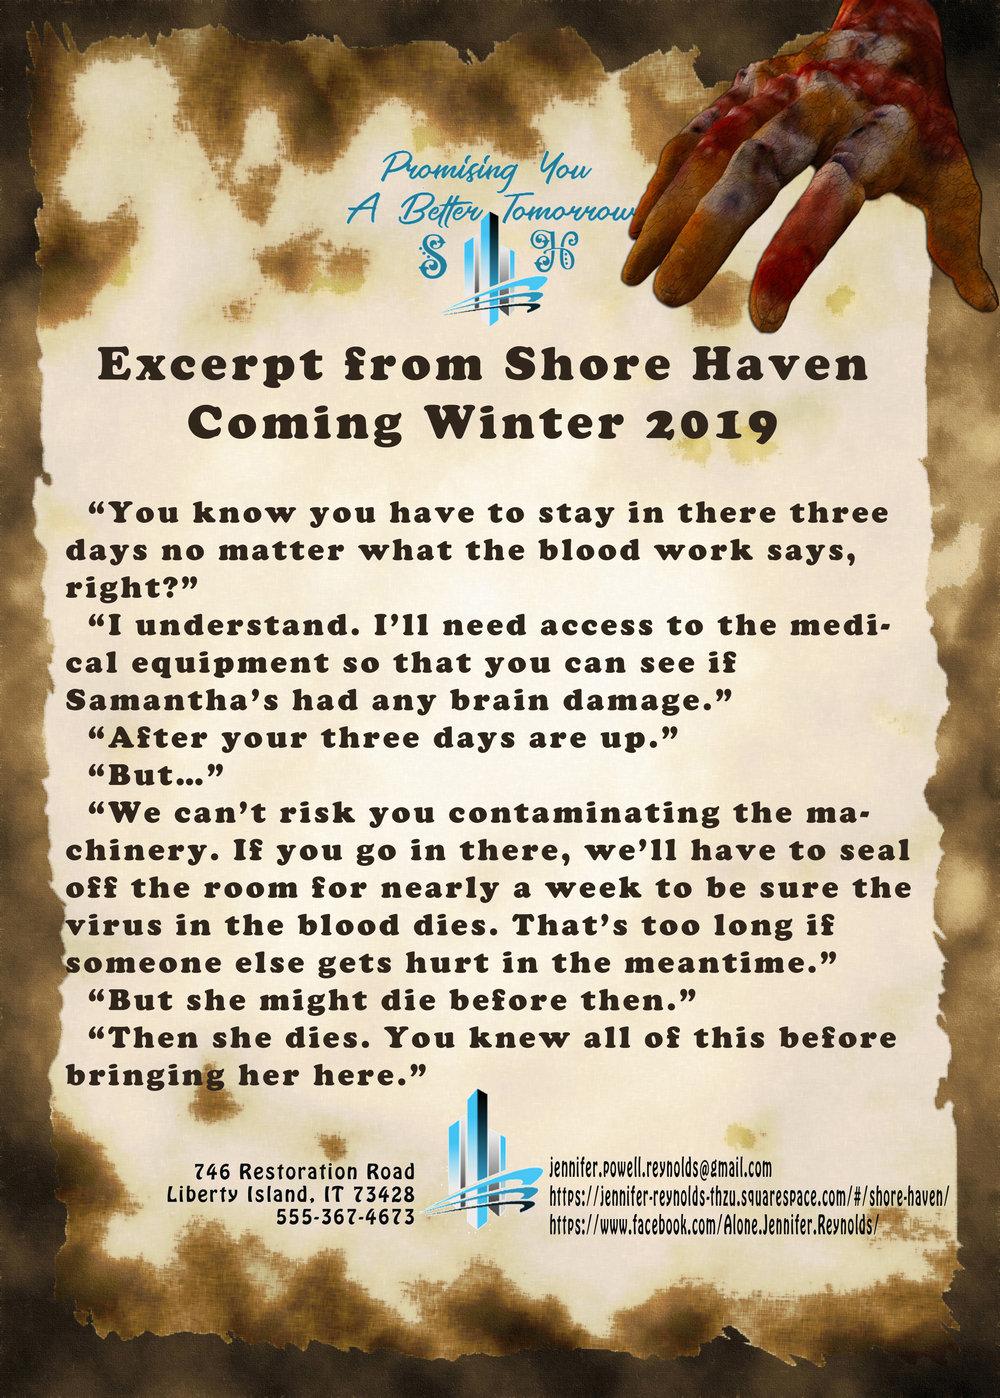 Shore Haven Excerpt 38.jpg